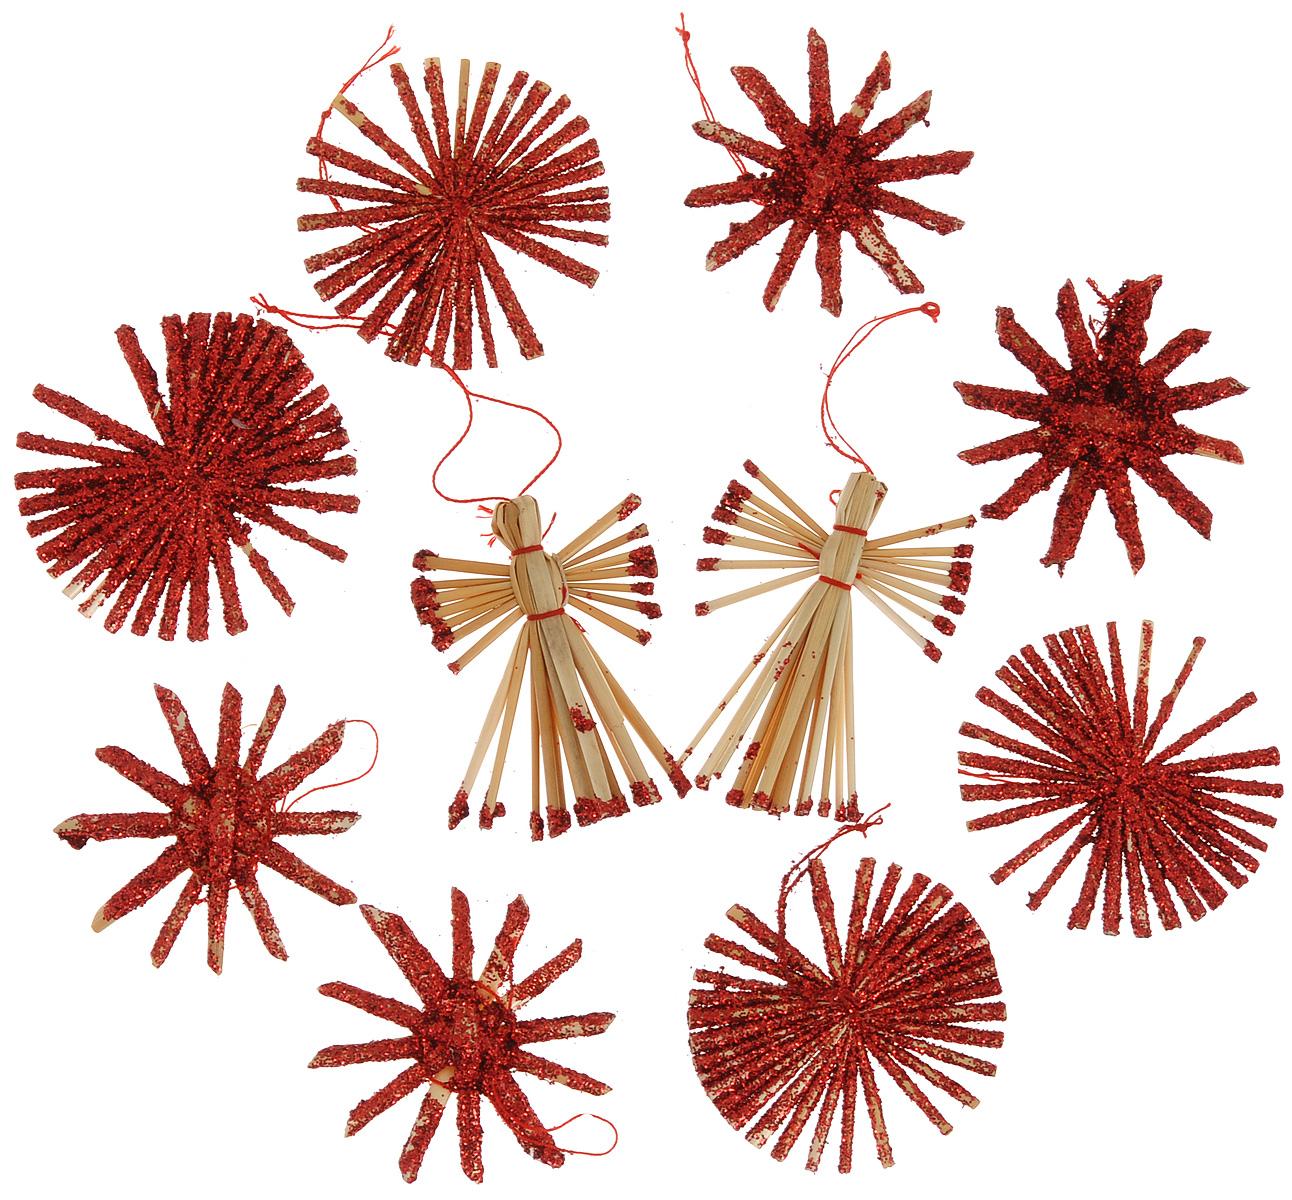 Набор новогодних подвесных украшений Феникс-презент Ангелы и звезды, цвет: красный, светло-коричневый, 10 шт39440Набор Феникс-презент Ангелы и звезды, состоящий из 10 новогодних подвесных украшений, отлично подойдет для декорации вашего дома и новогодней ели. Изделиявыполнены из соломы в виде ангелочков и звезд, оформленных блестками. Украшения имеют специальные петельки для подвешивания. Коллекция декоративных украшений Феникс-презент Ангелы и звезды принесет в ваш дом ни с чем не сравнимое ощущение праздника!Средний размер украшения: 5,5 см х 5,5 см.